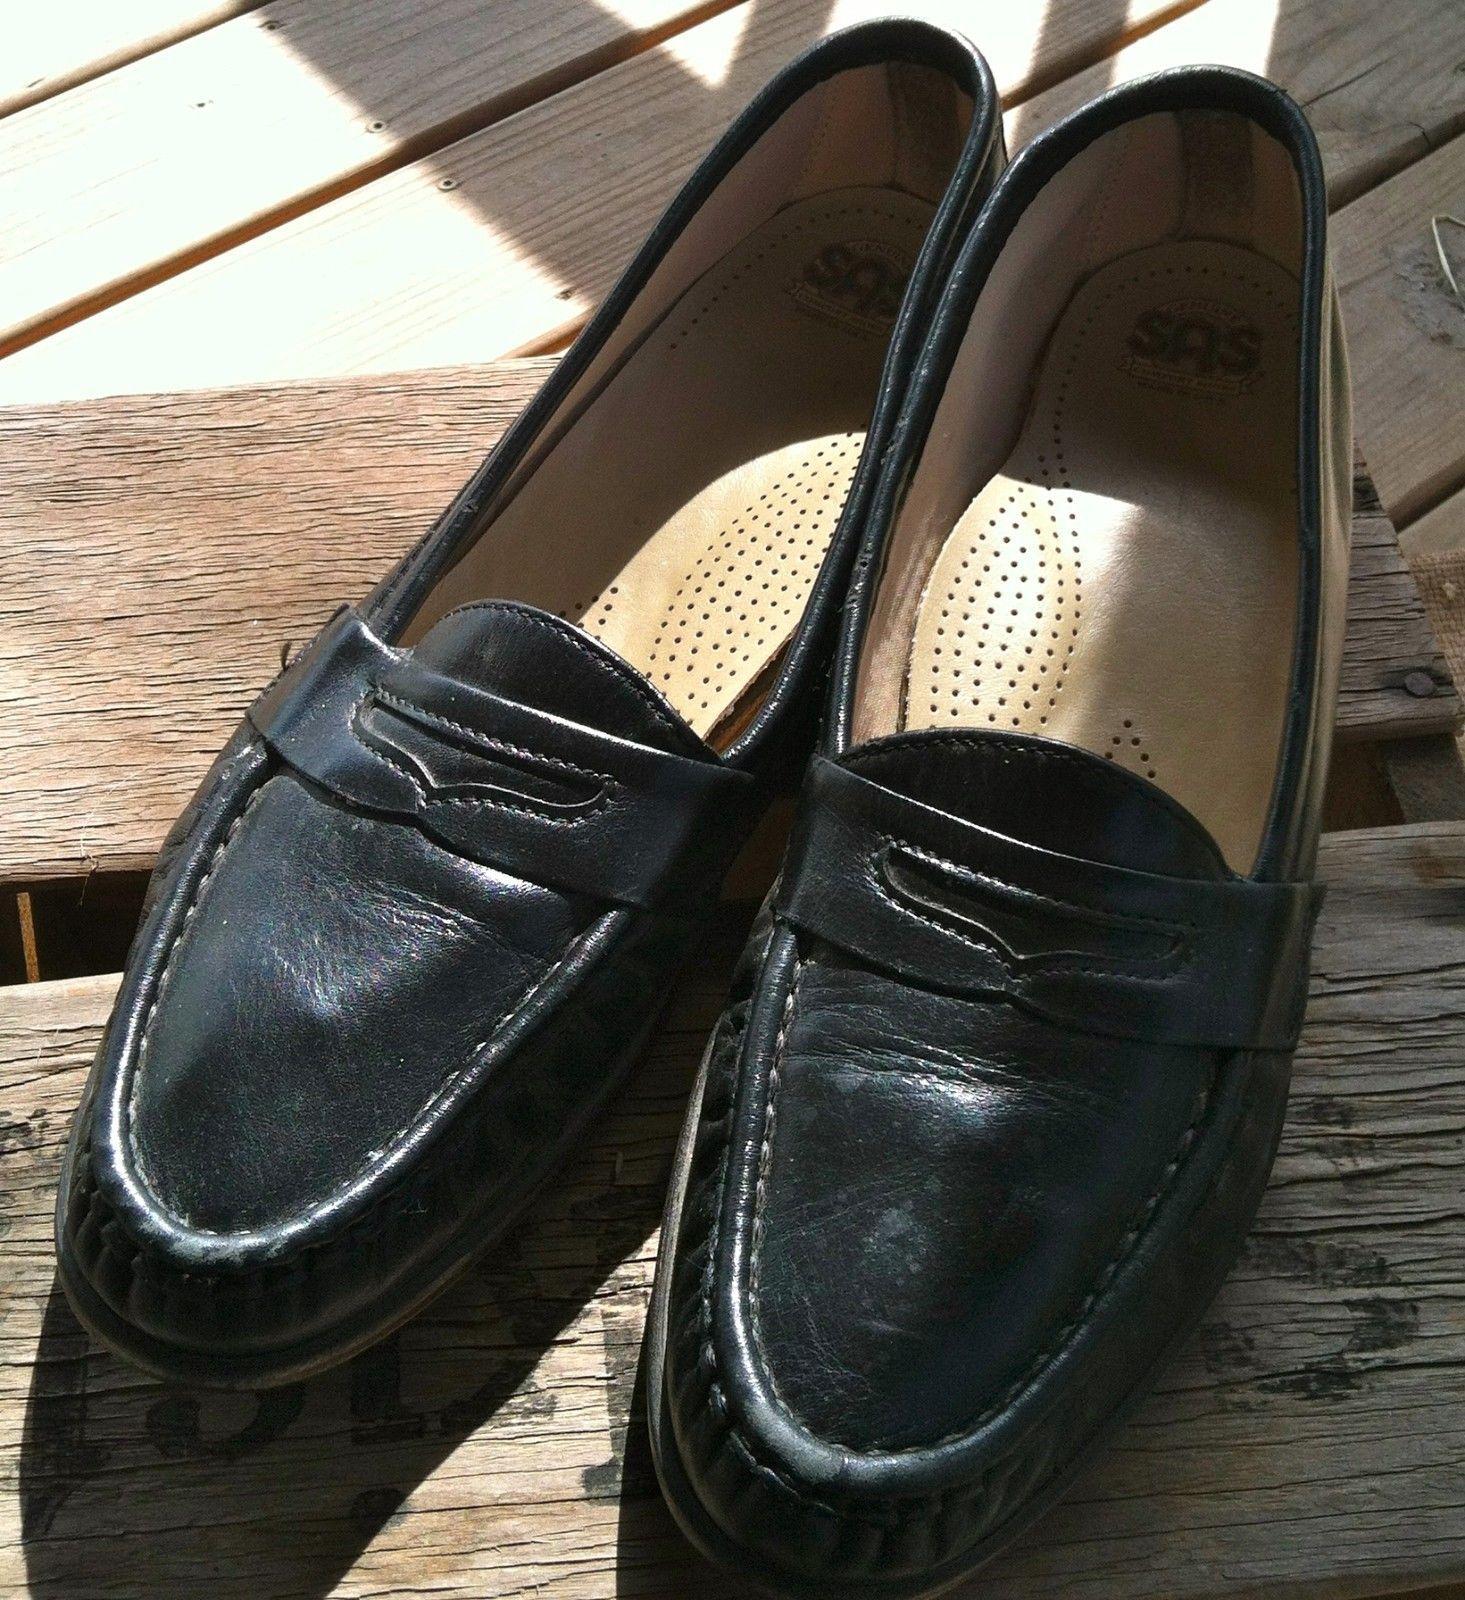 db179de3e67 57. 57. Previous. SAS Shoes Size 9.5N Penny J Classic Loafers Tripad  Comfort Black Women s